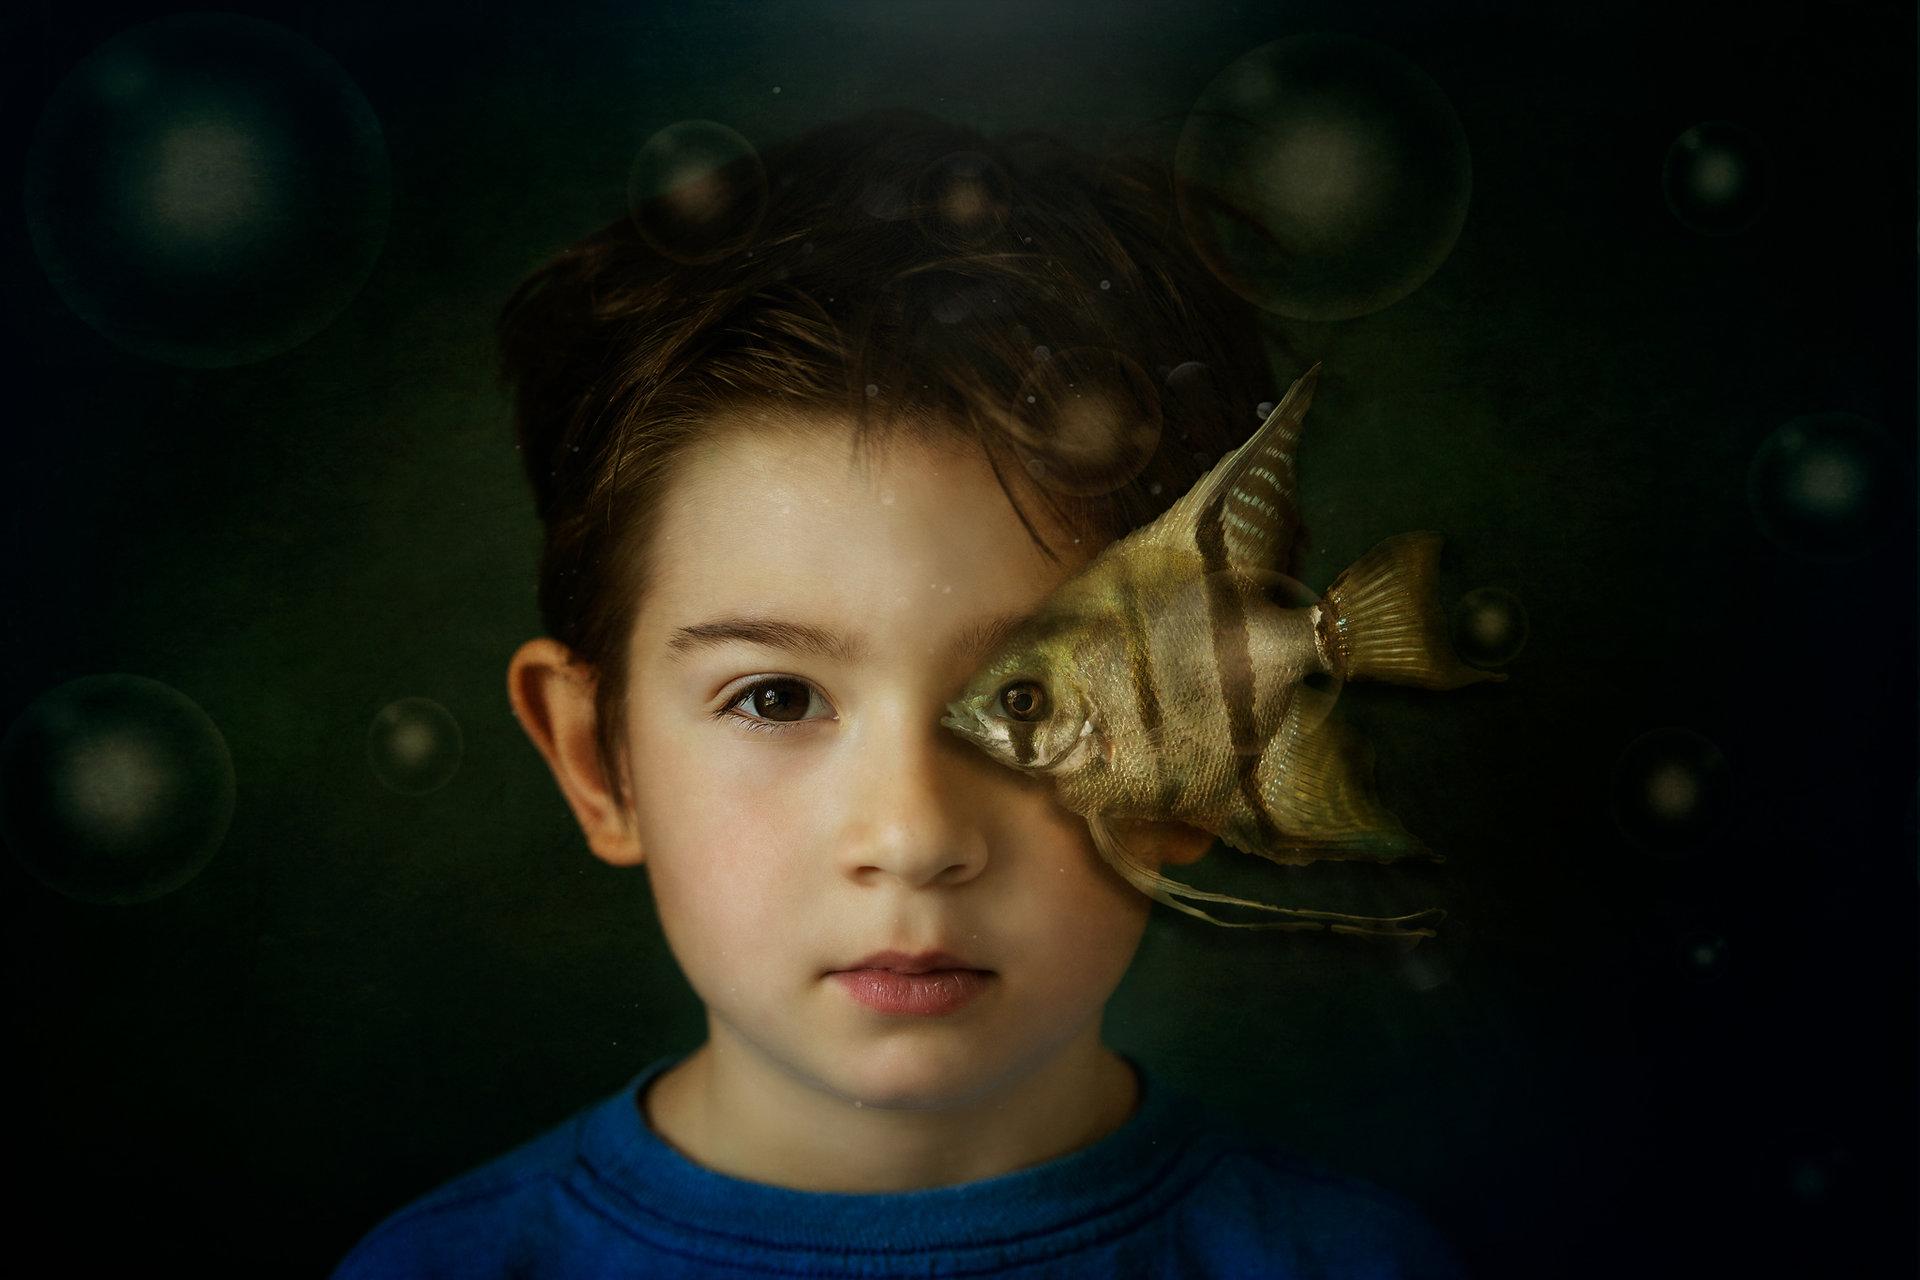 Момче с рибка | Author Mira Sh - мирка | PHOTO FORUM